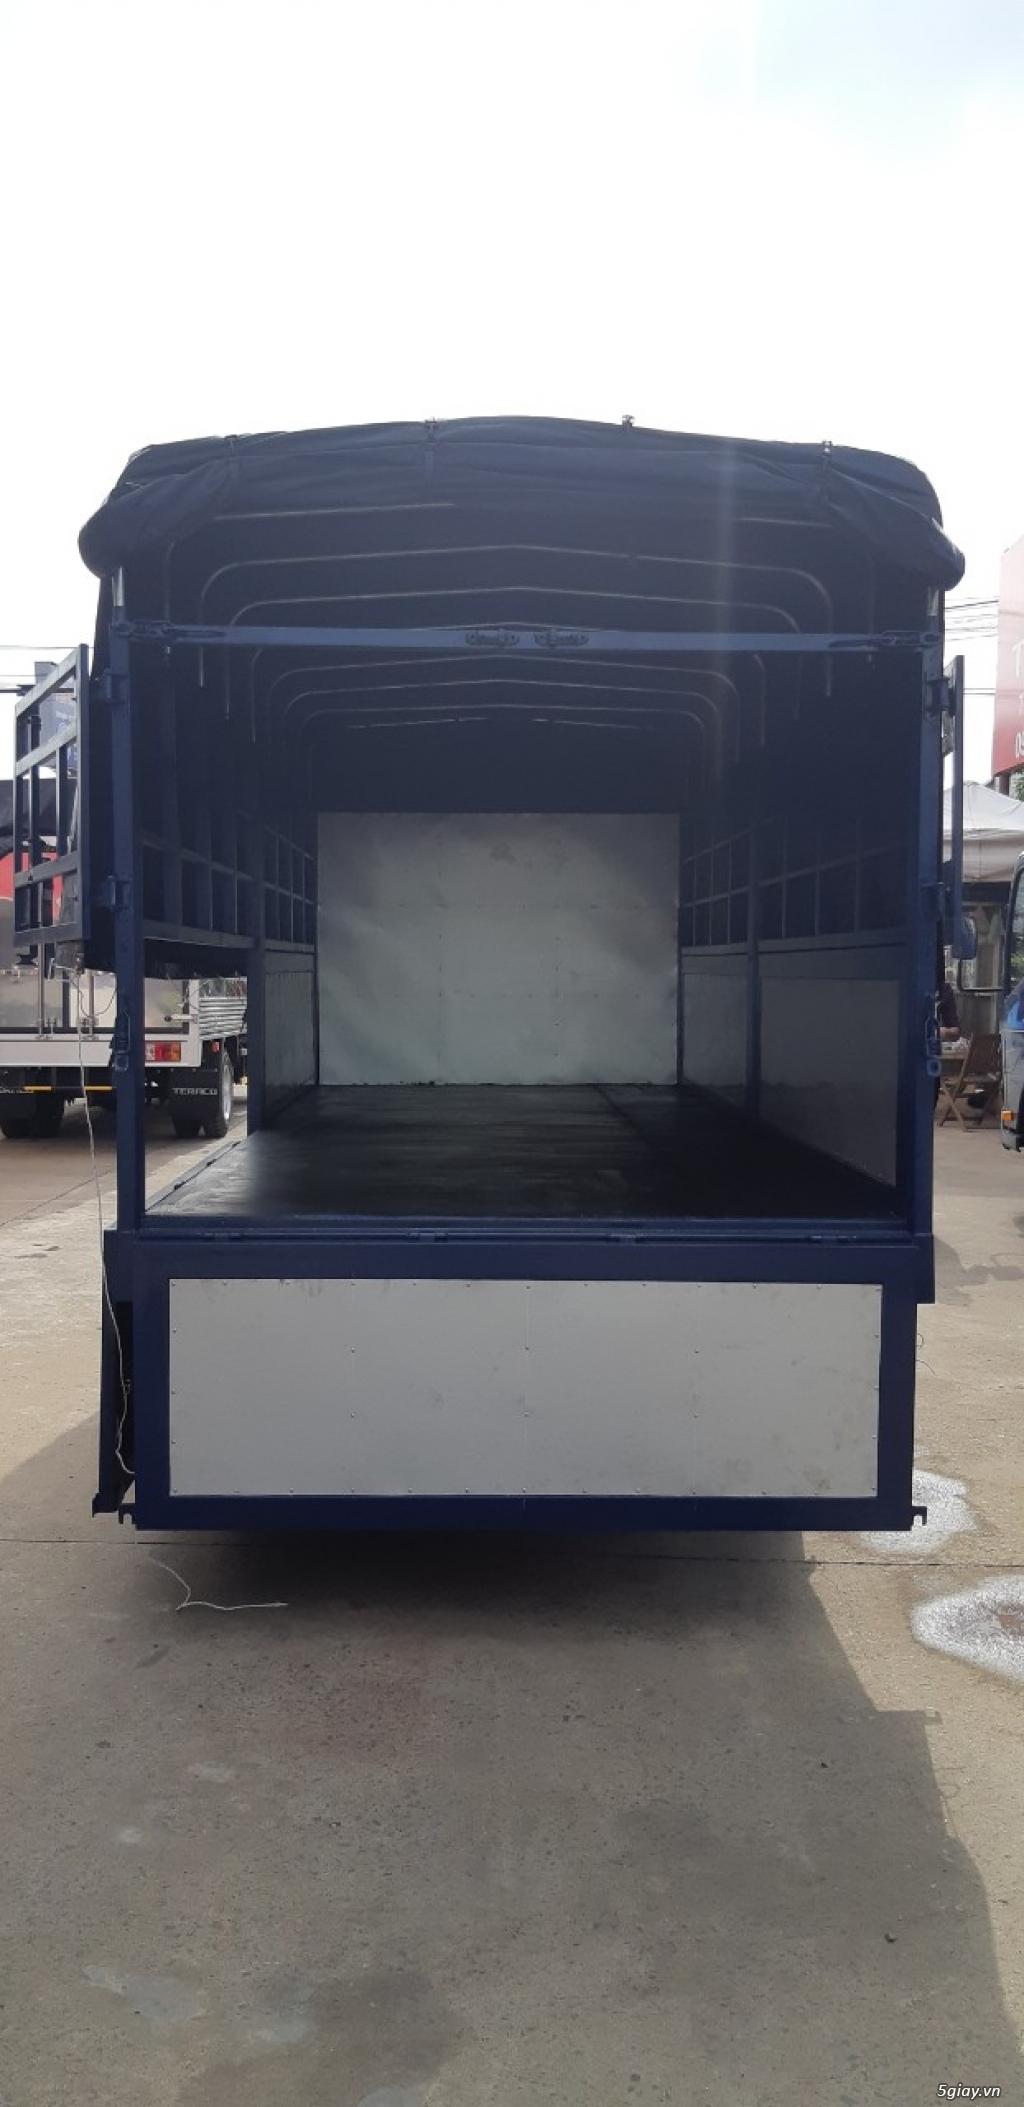 Nơi bán xe tải thùng mui bạt 2,5 tấn Tera240L - 4